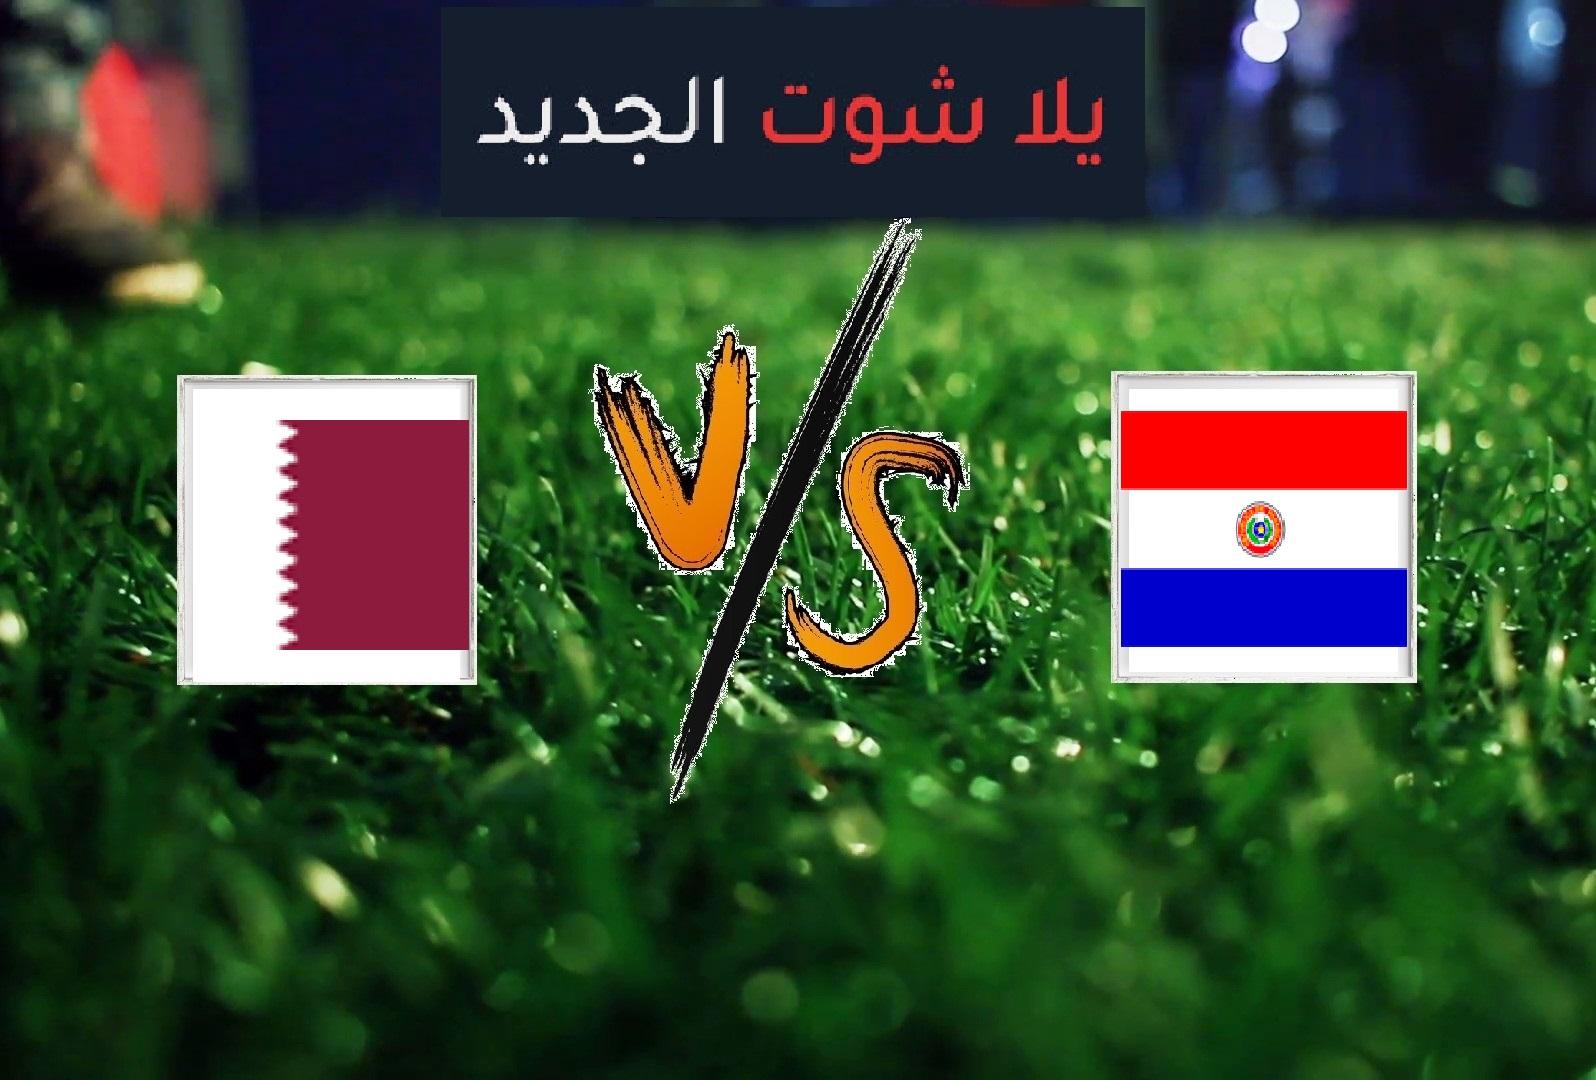 نتيجة مباراة قطر وباراجواي اليوم الاحد بتاريخ 16-06-2019 كوبا أمريكا 2019